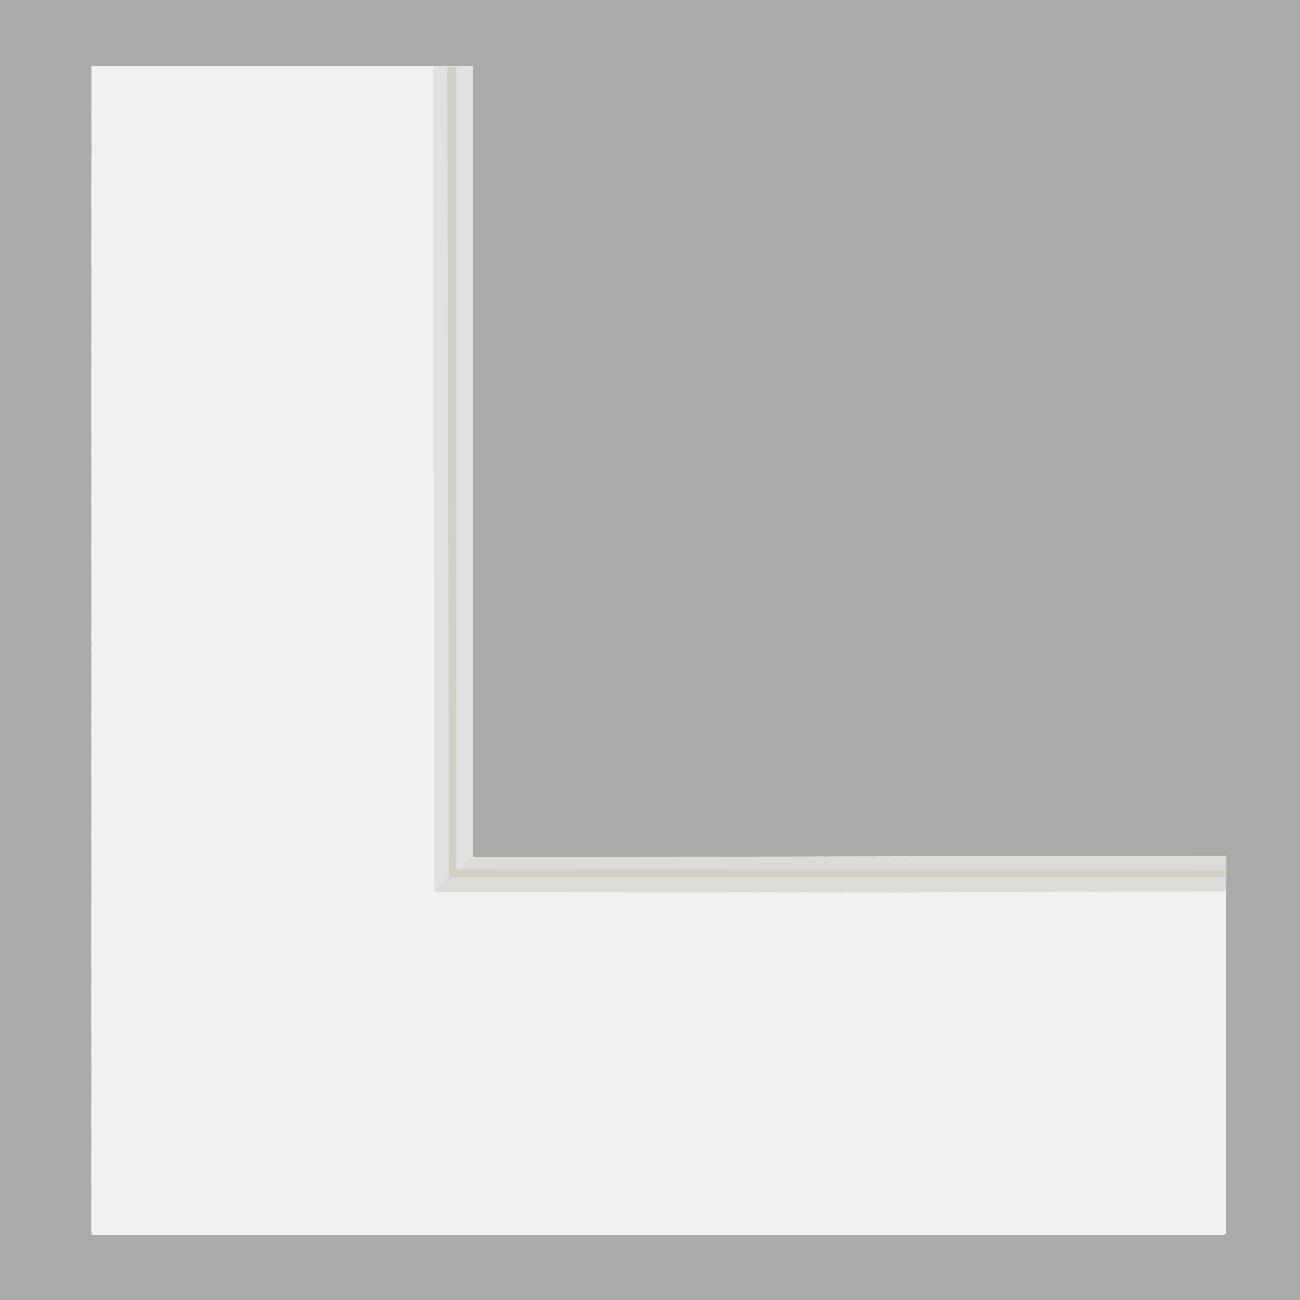 Double passe-partout blanc cassé, filet gris clair, âme blanche, épaisseur 2x1,4mm